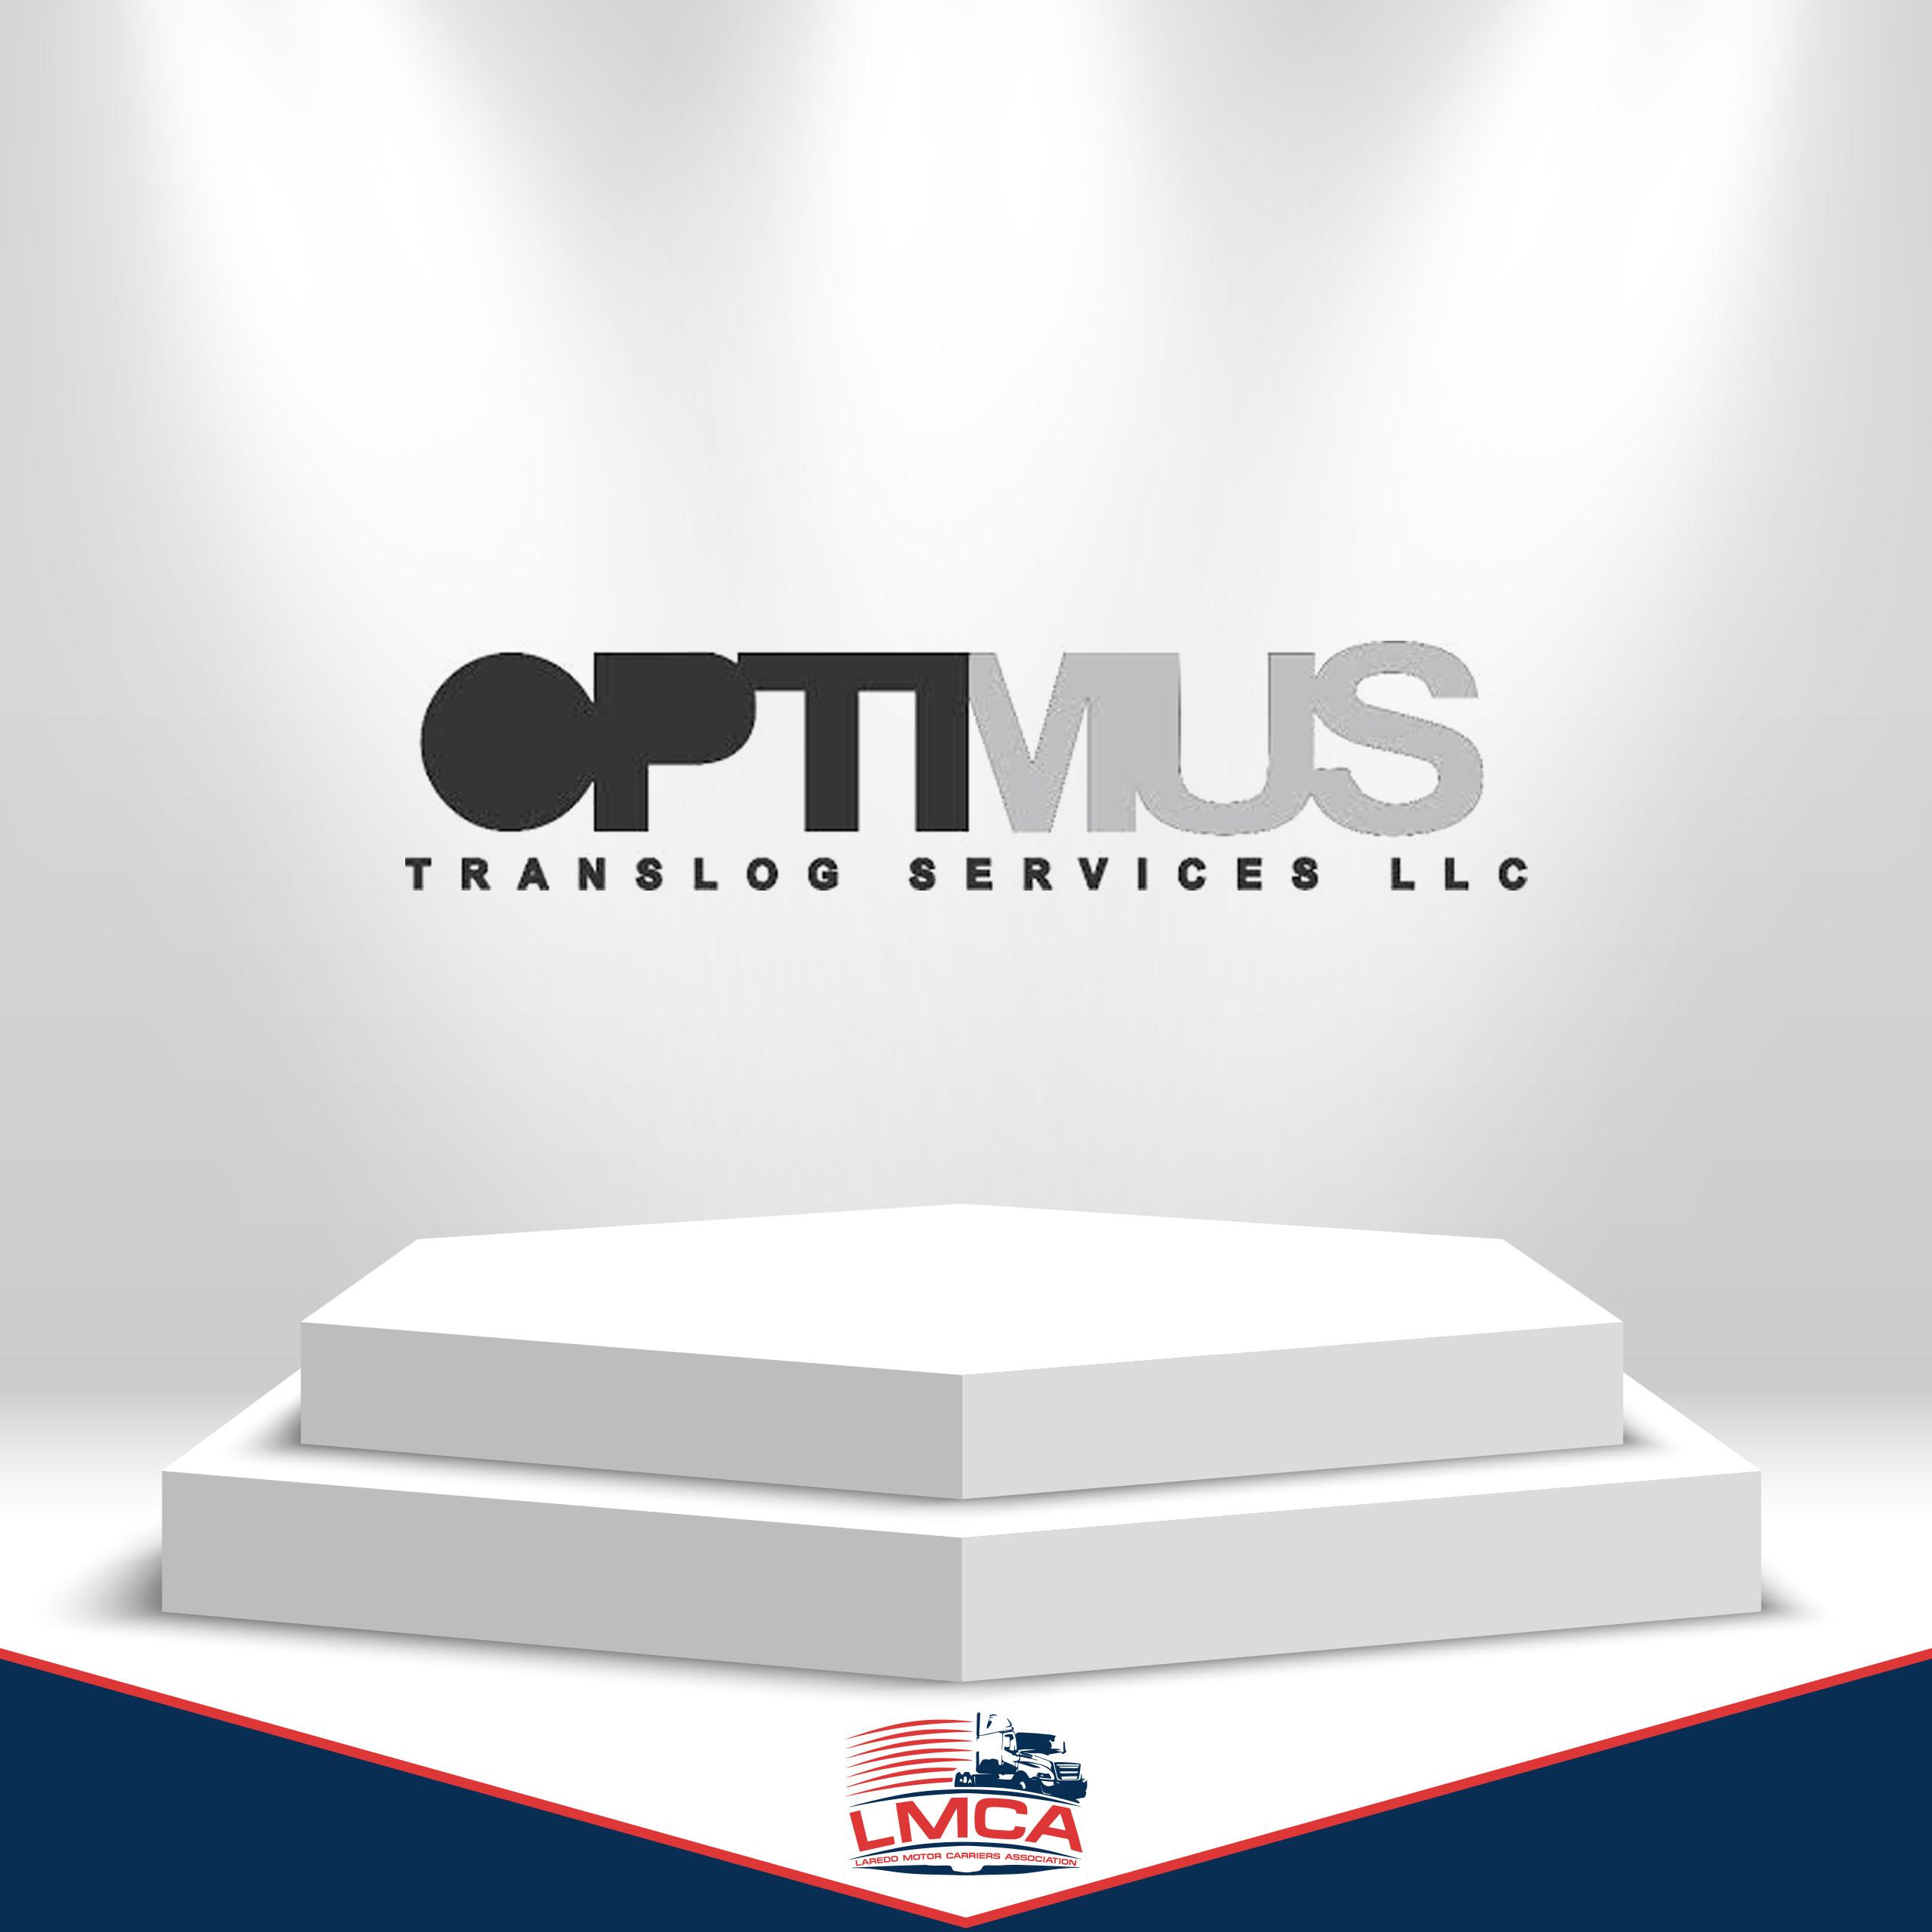 OPTIMUS-LMCA